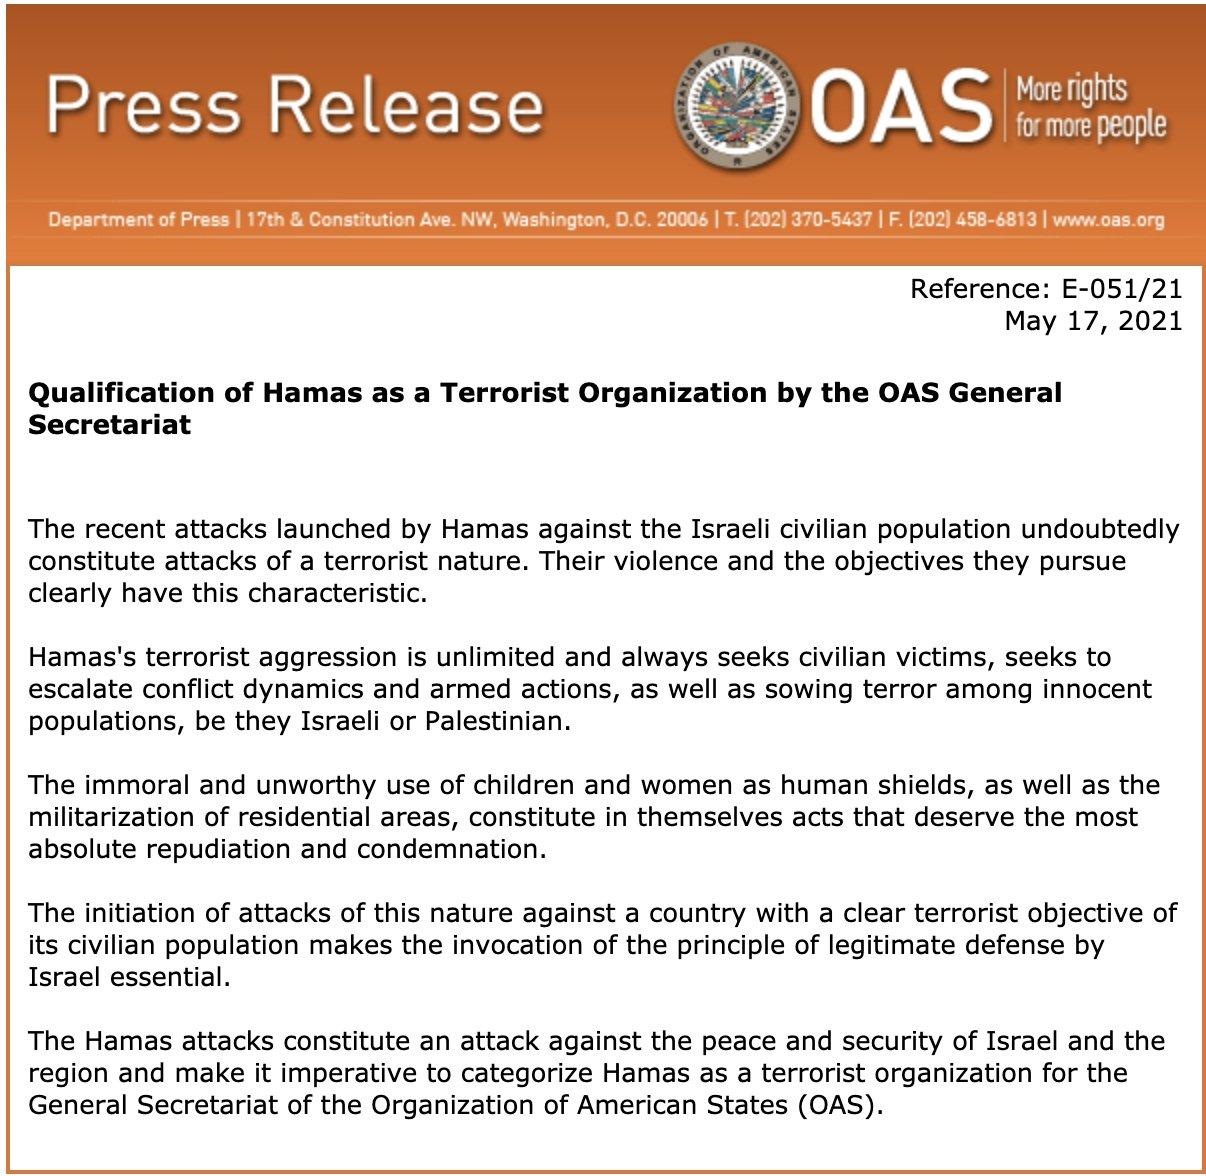 Организация американских государств: ХАМАС - террористы